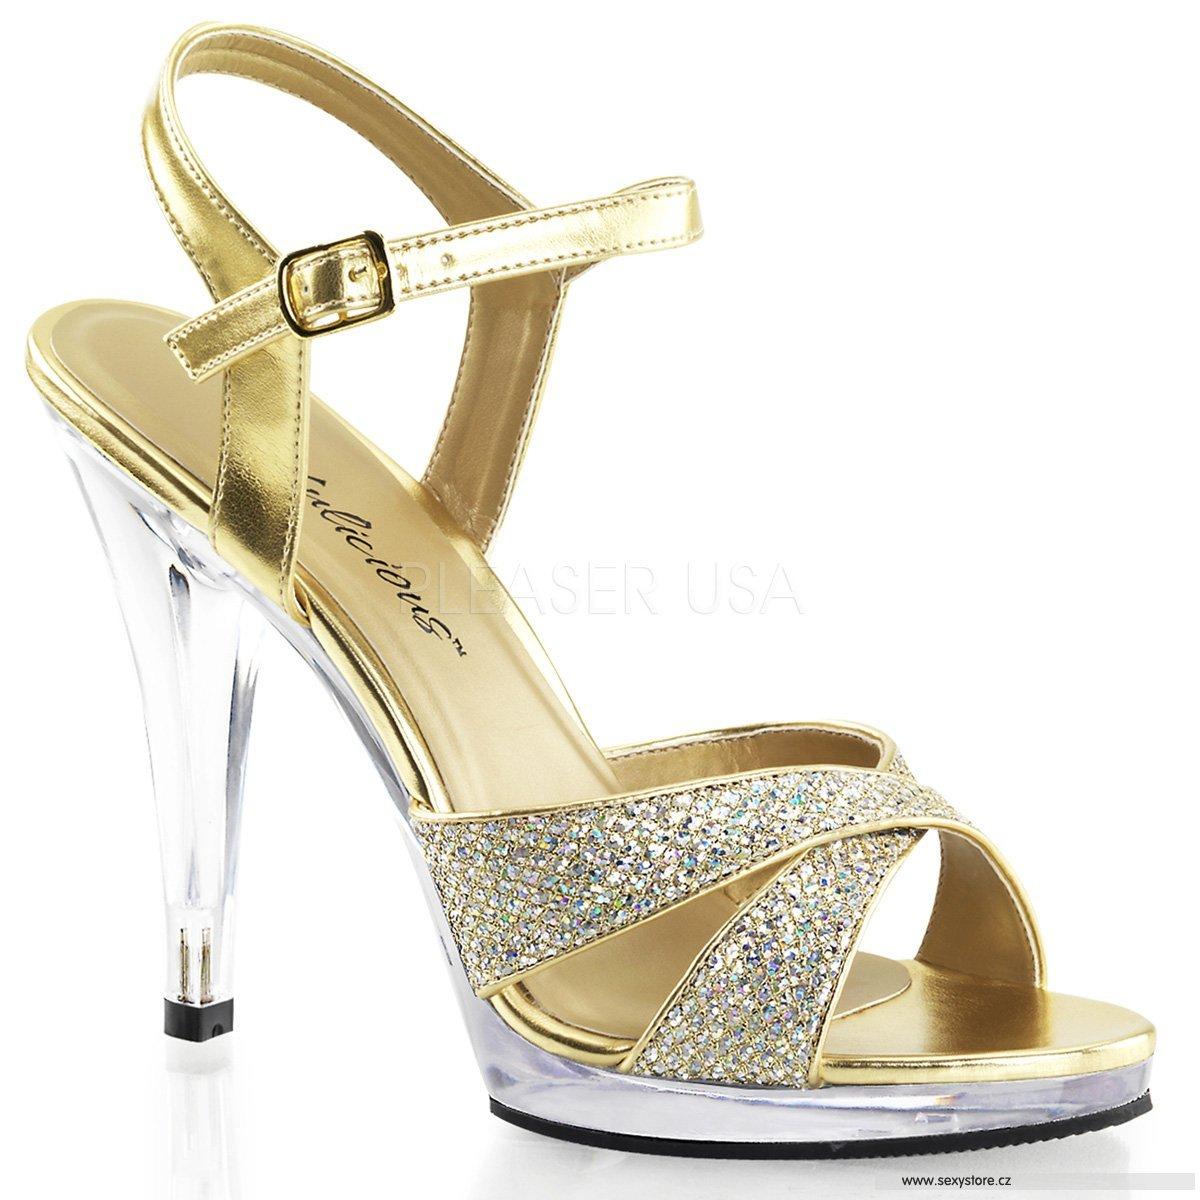 Zlaté sandálky na podpatku FLAIR-419G G C  49cbb5341e